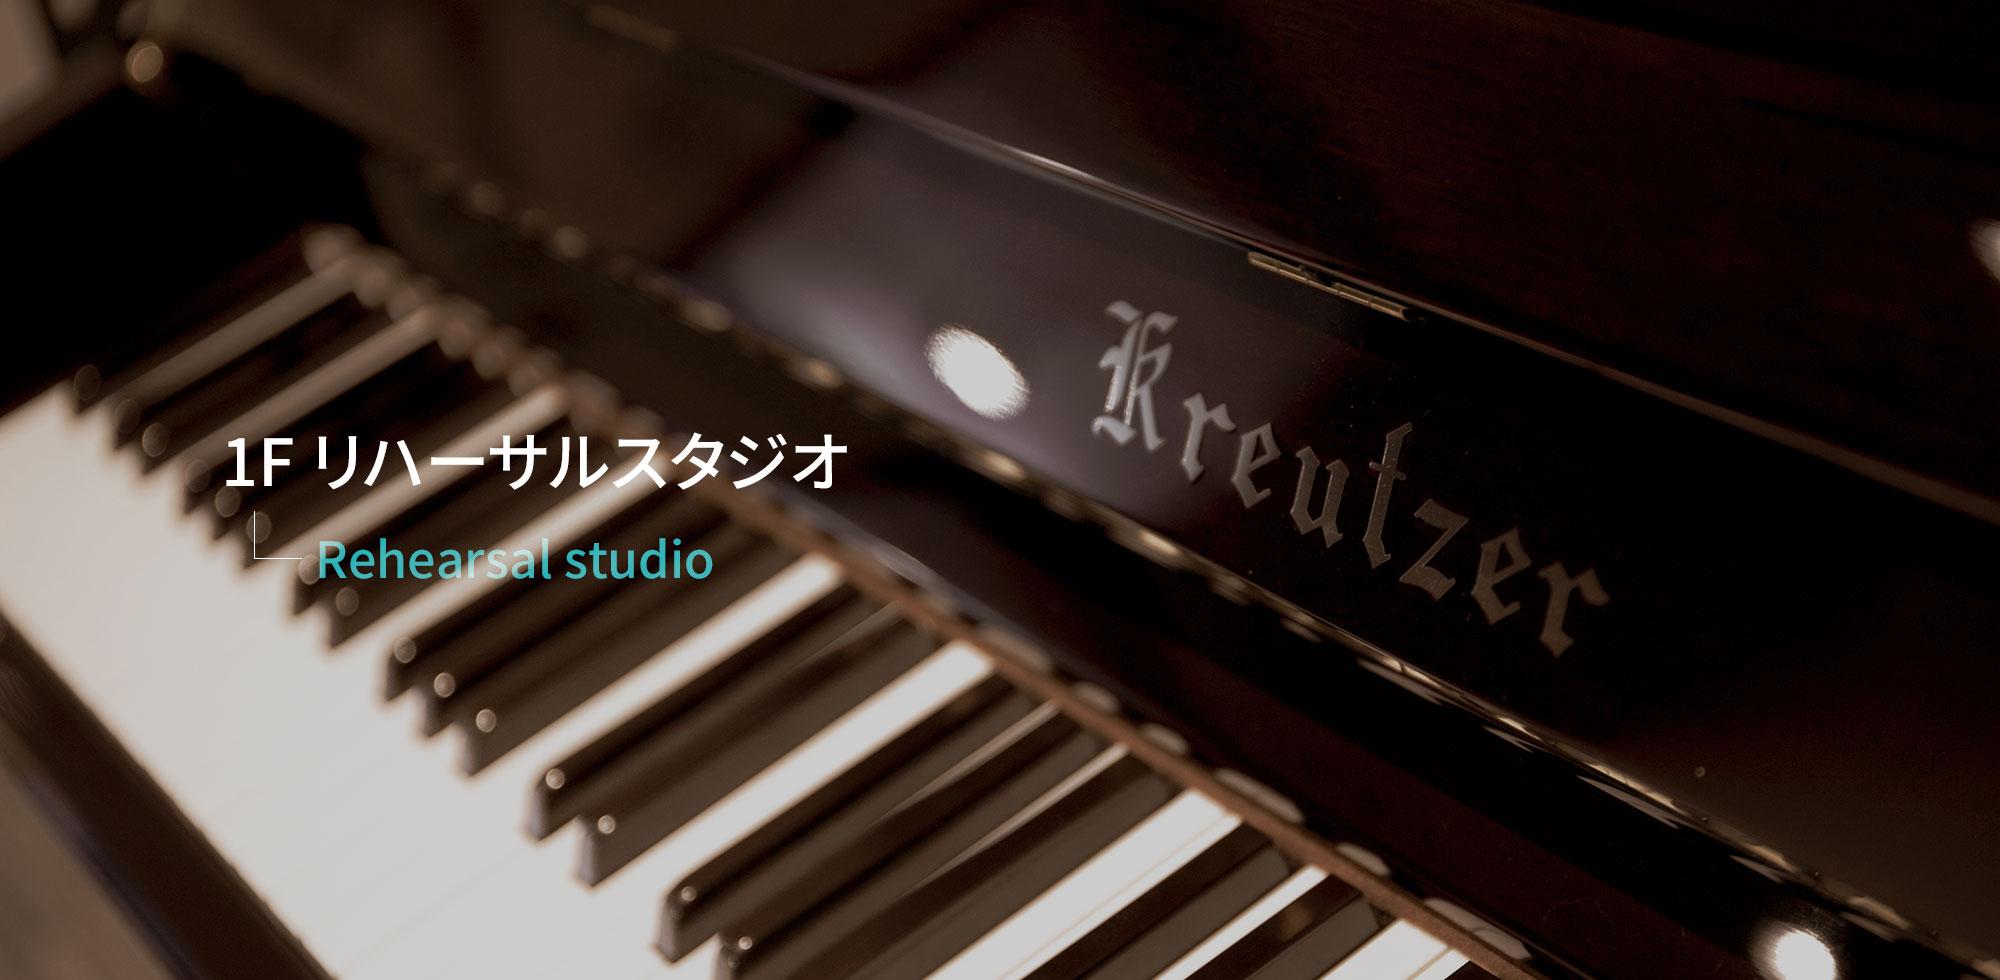 1Fリハーサルスタジオ